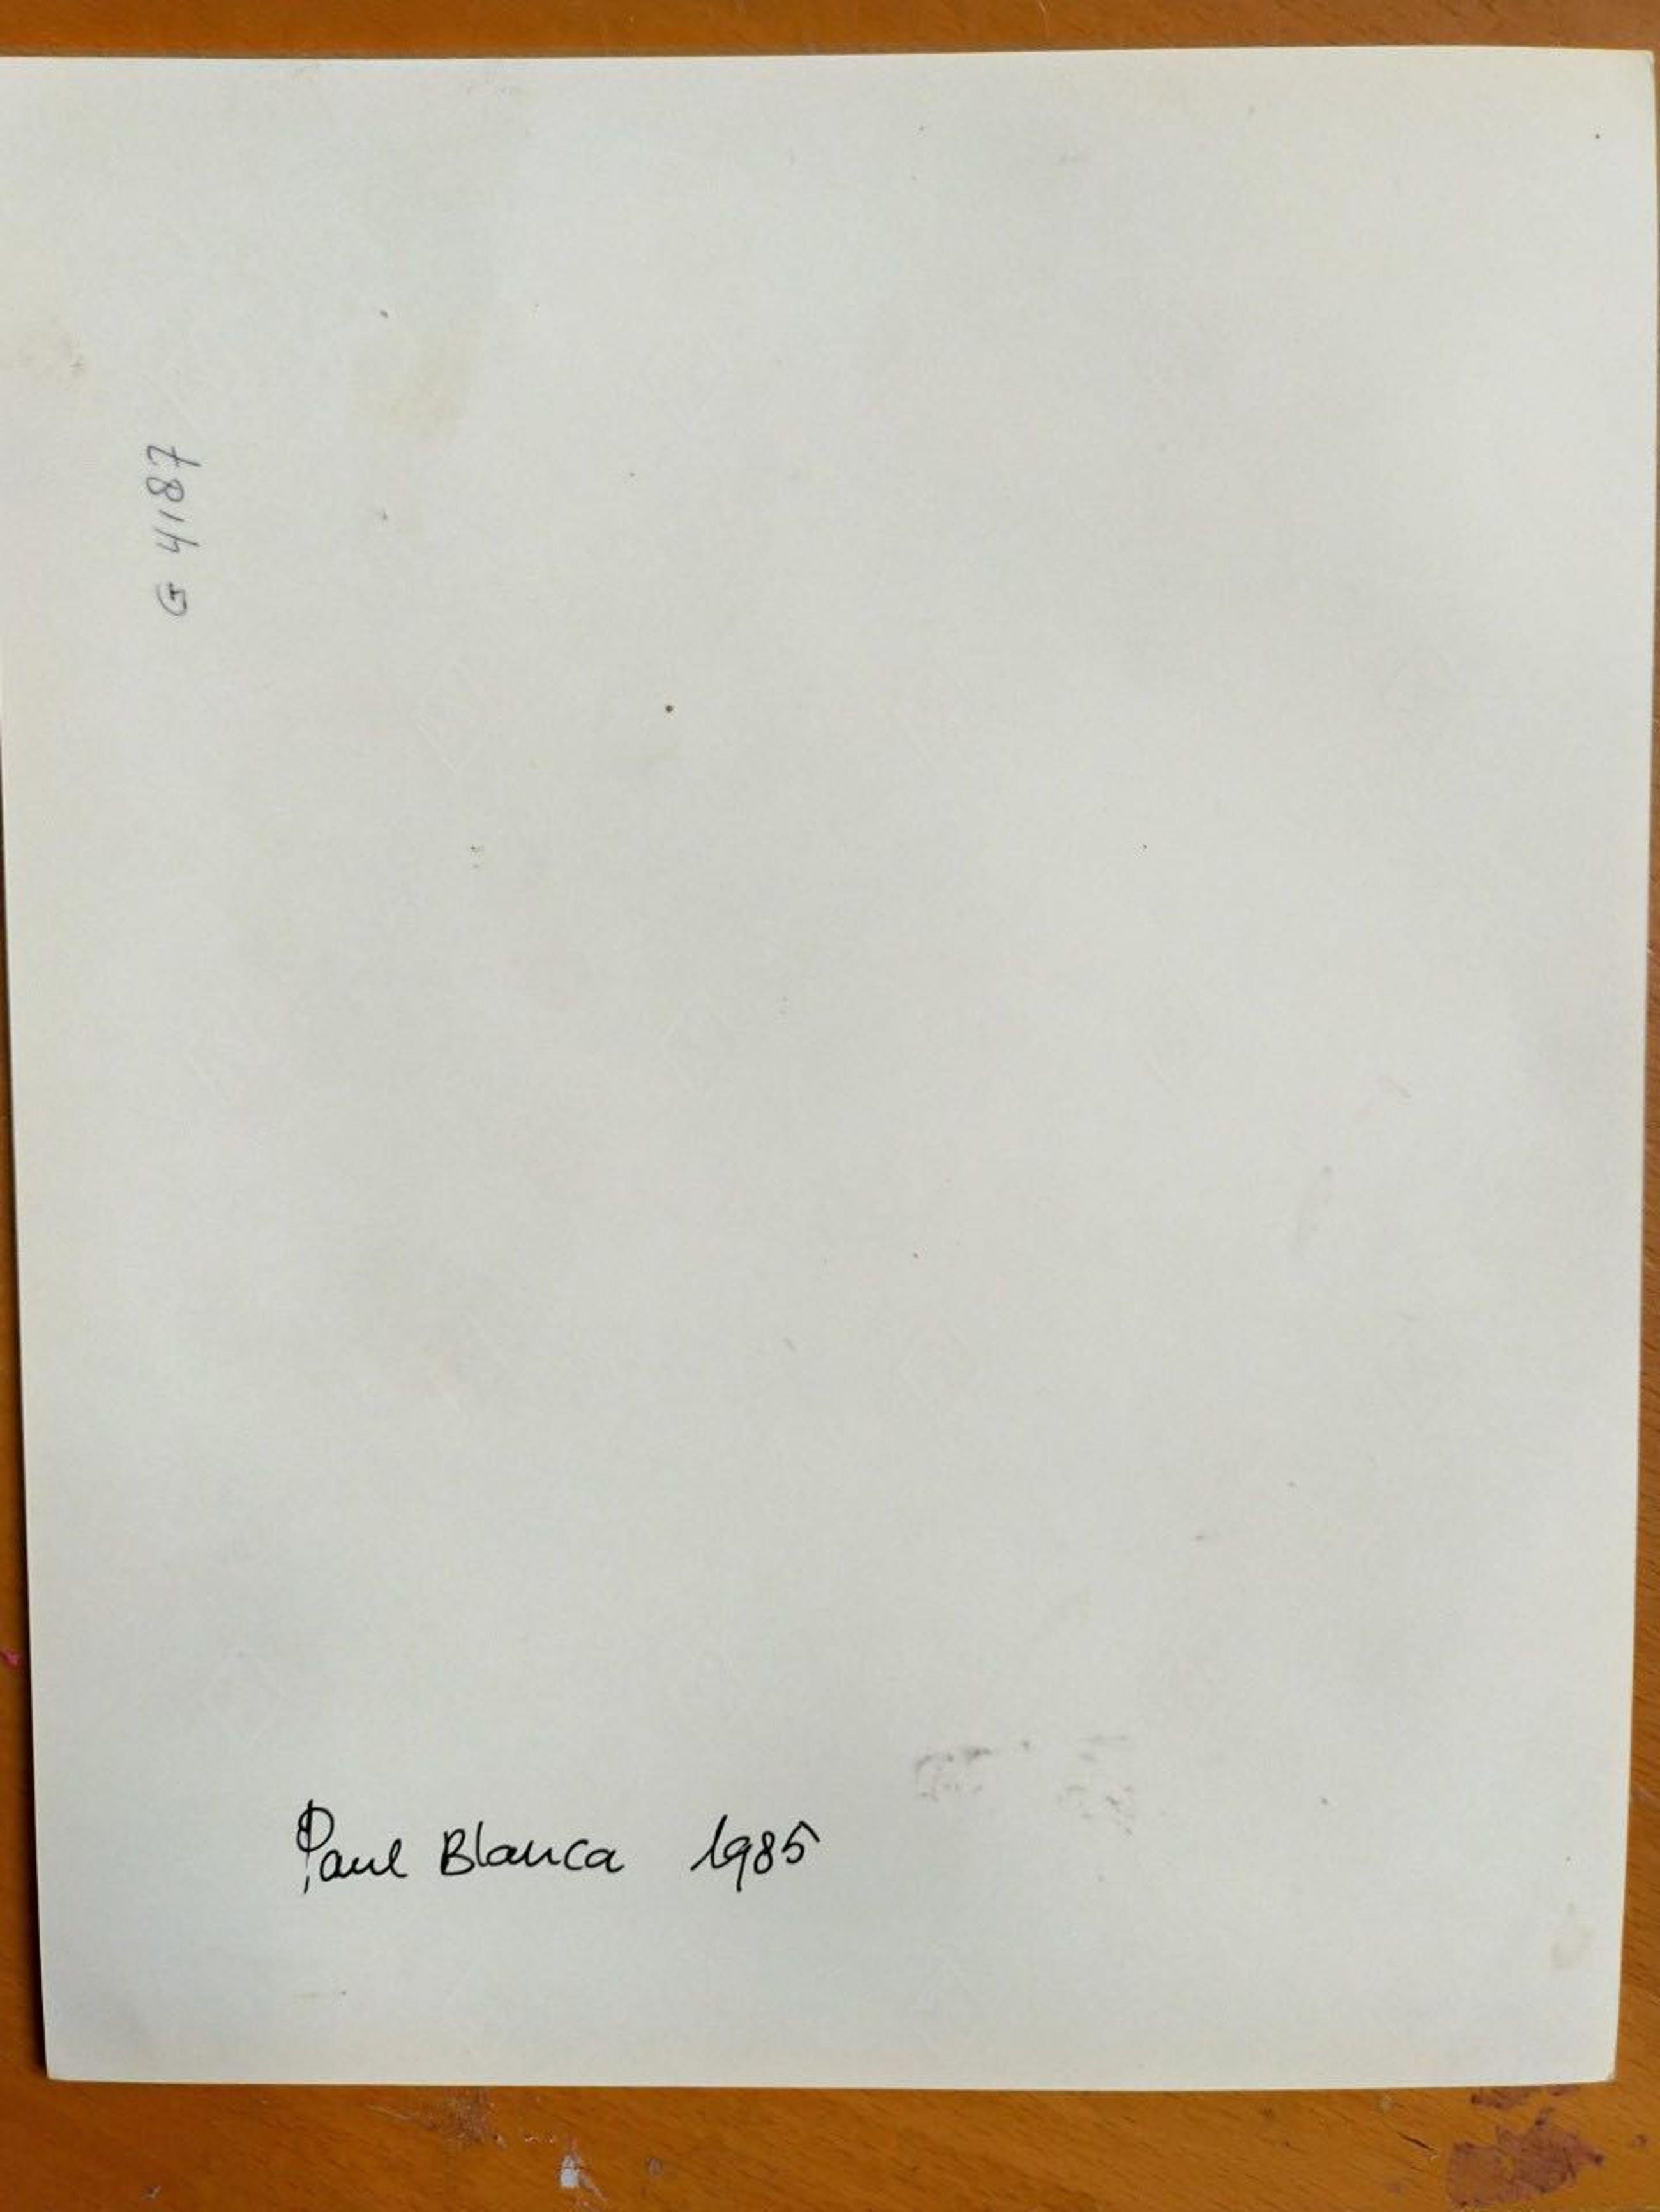 Paul Blanca - Ballerina - 1985 kopen? Bied vanaf 1!